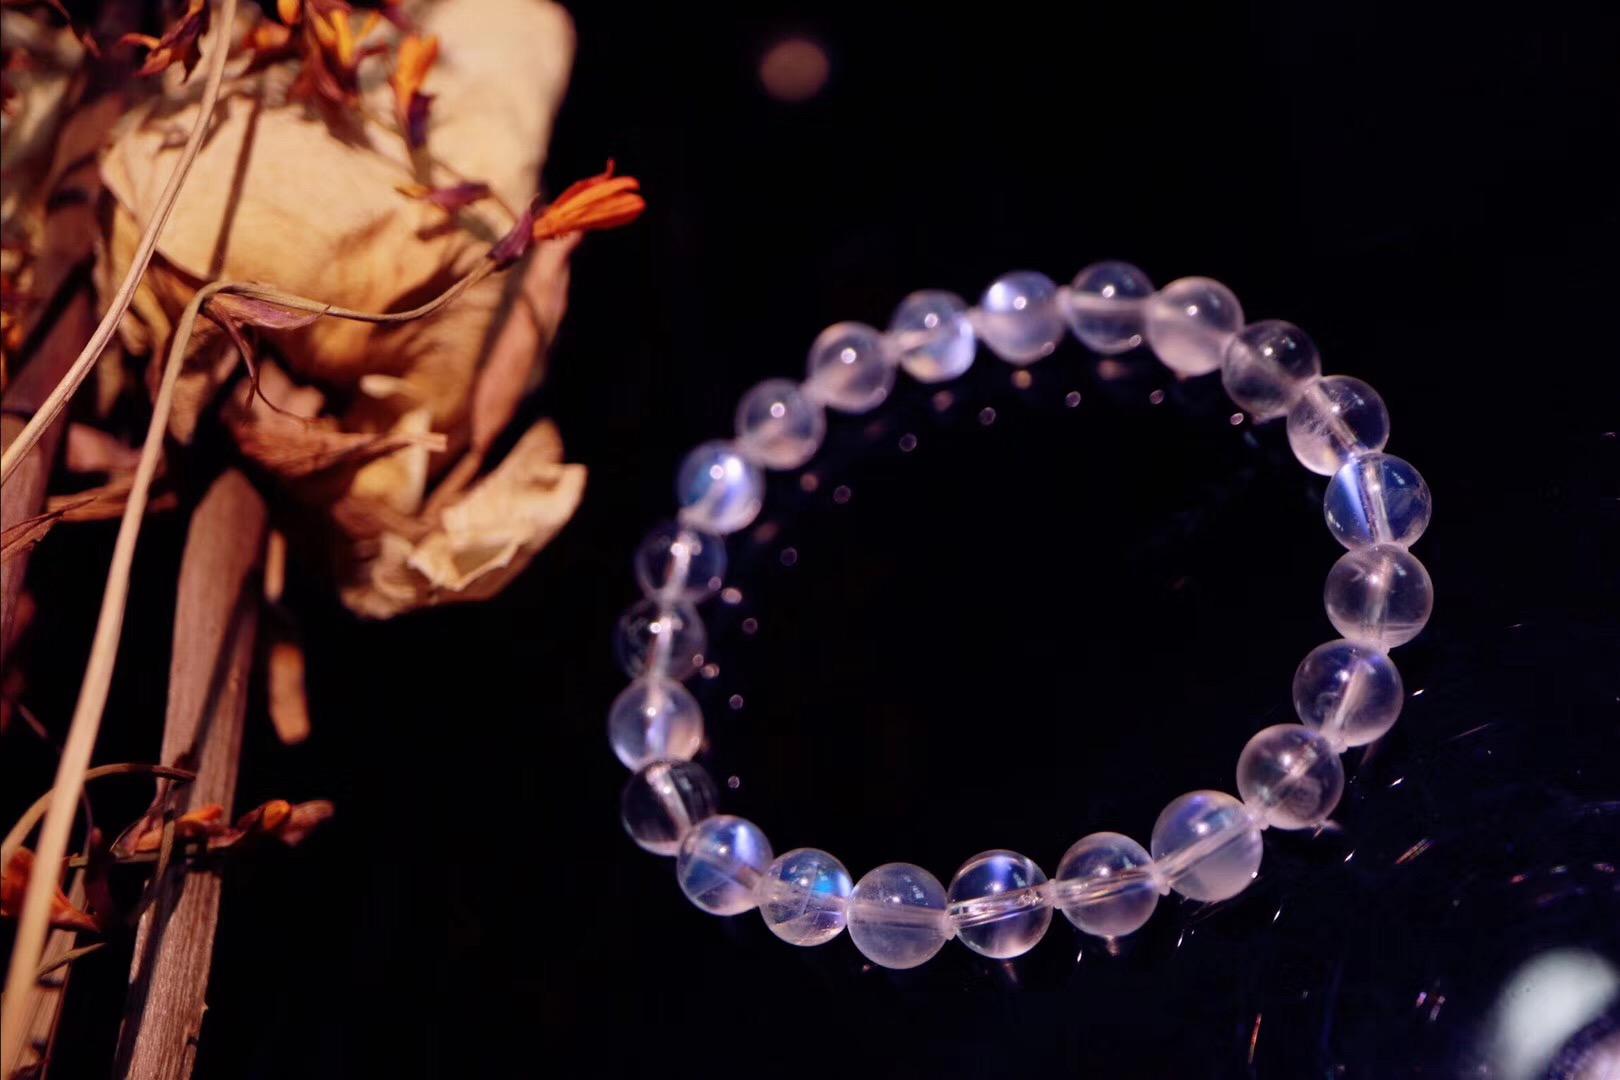 【 月光石】温柔的月光相伴定能给你最温柔的疗愈-菩心晶舍